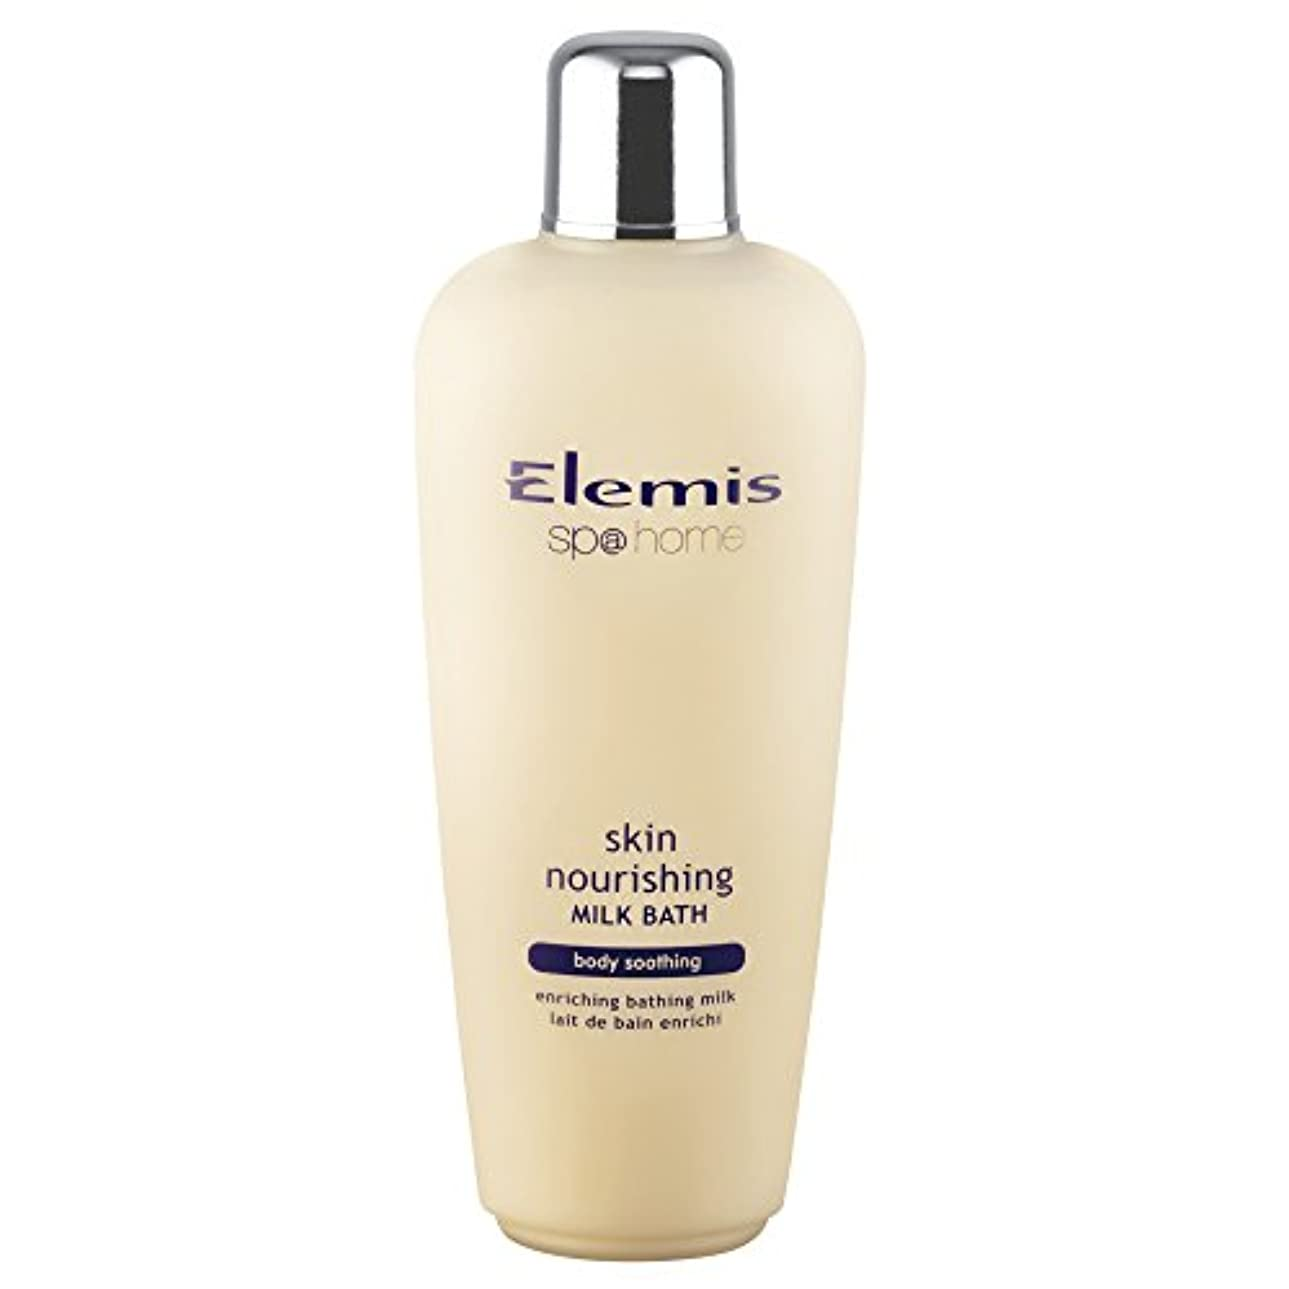 冷ややかな探偵堀エレミススキン栄養ミルクバスの400ミリリットル (Elemis) (x2) - Elemis Skin Nourishing Milk Bath 400ml (Pack of 2) [並行輸入品]